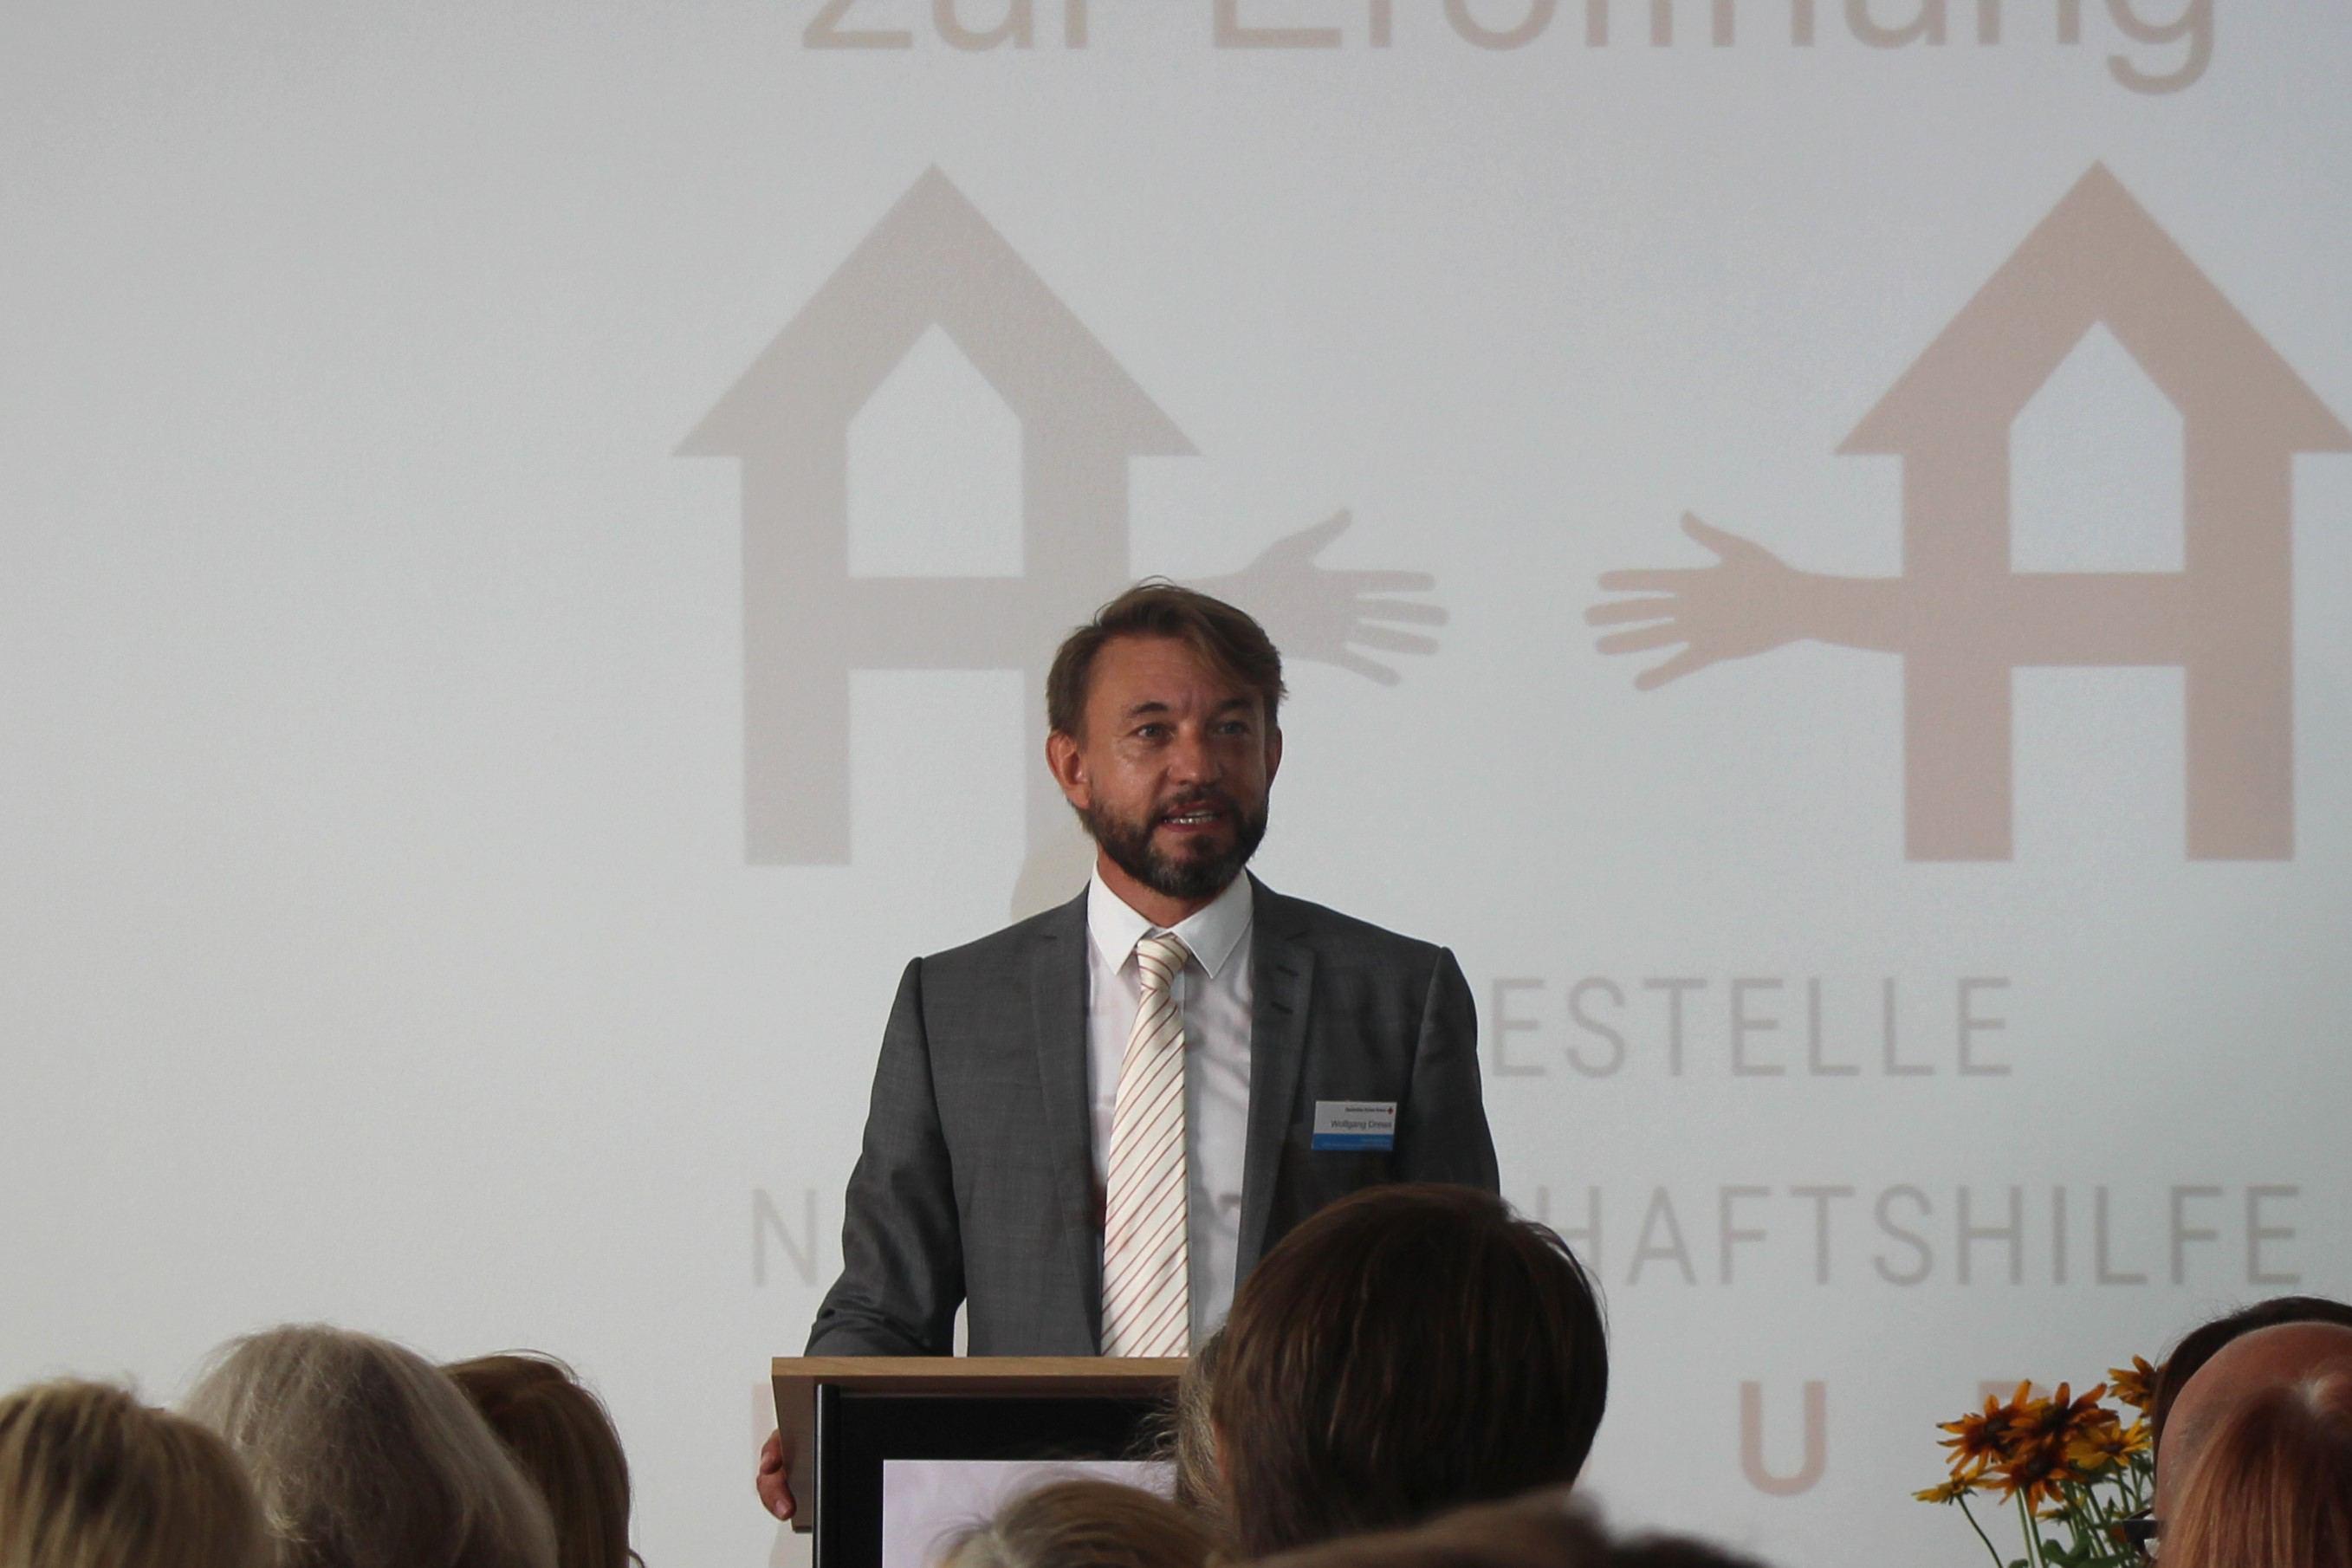 """Wolfgang Drews bei seiner Eröffnungsrede: """"Wir alle tun gut daran, wenn wir uns ehrenamtlich engagieren."""" Foto: Nele Deutschmann"""